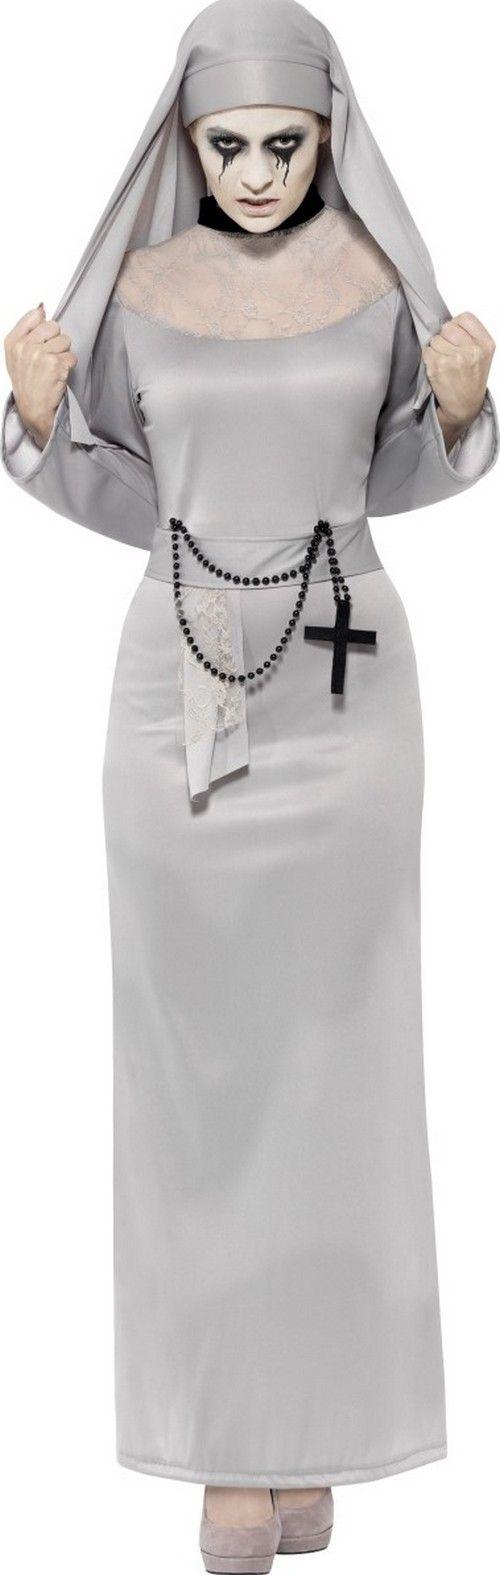 De leukste Halloween kostuums voor volwassenen zijn beschikbaar bij Vegaoo.nl! Bestel snel dit horror nonnen kostuum voor vrouwen voor een goedkope prijs!